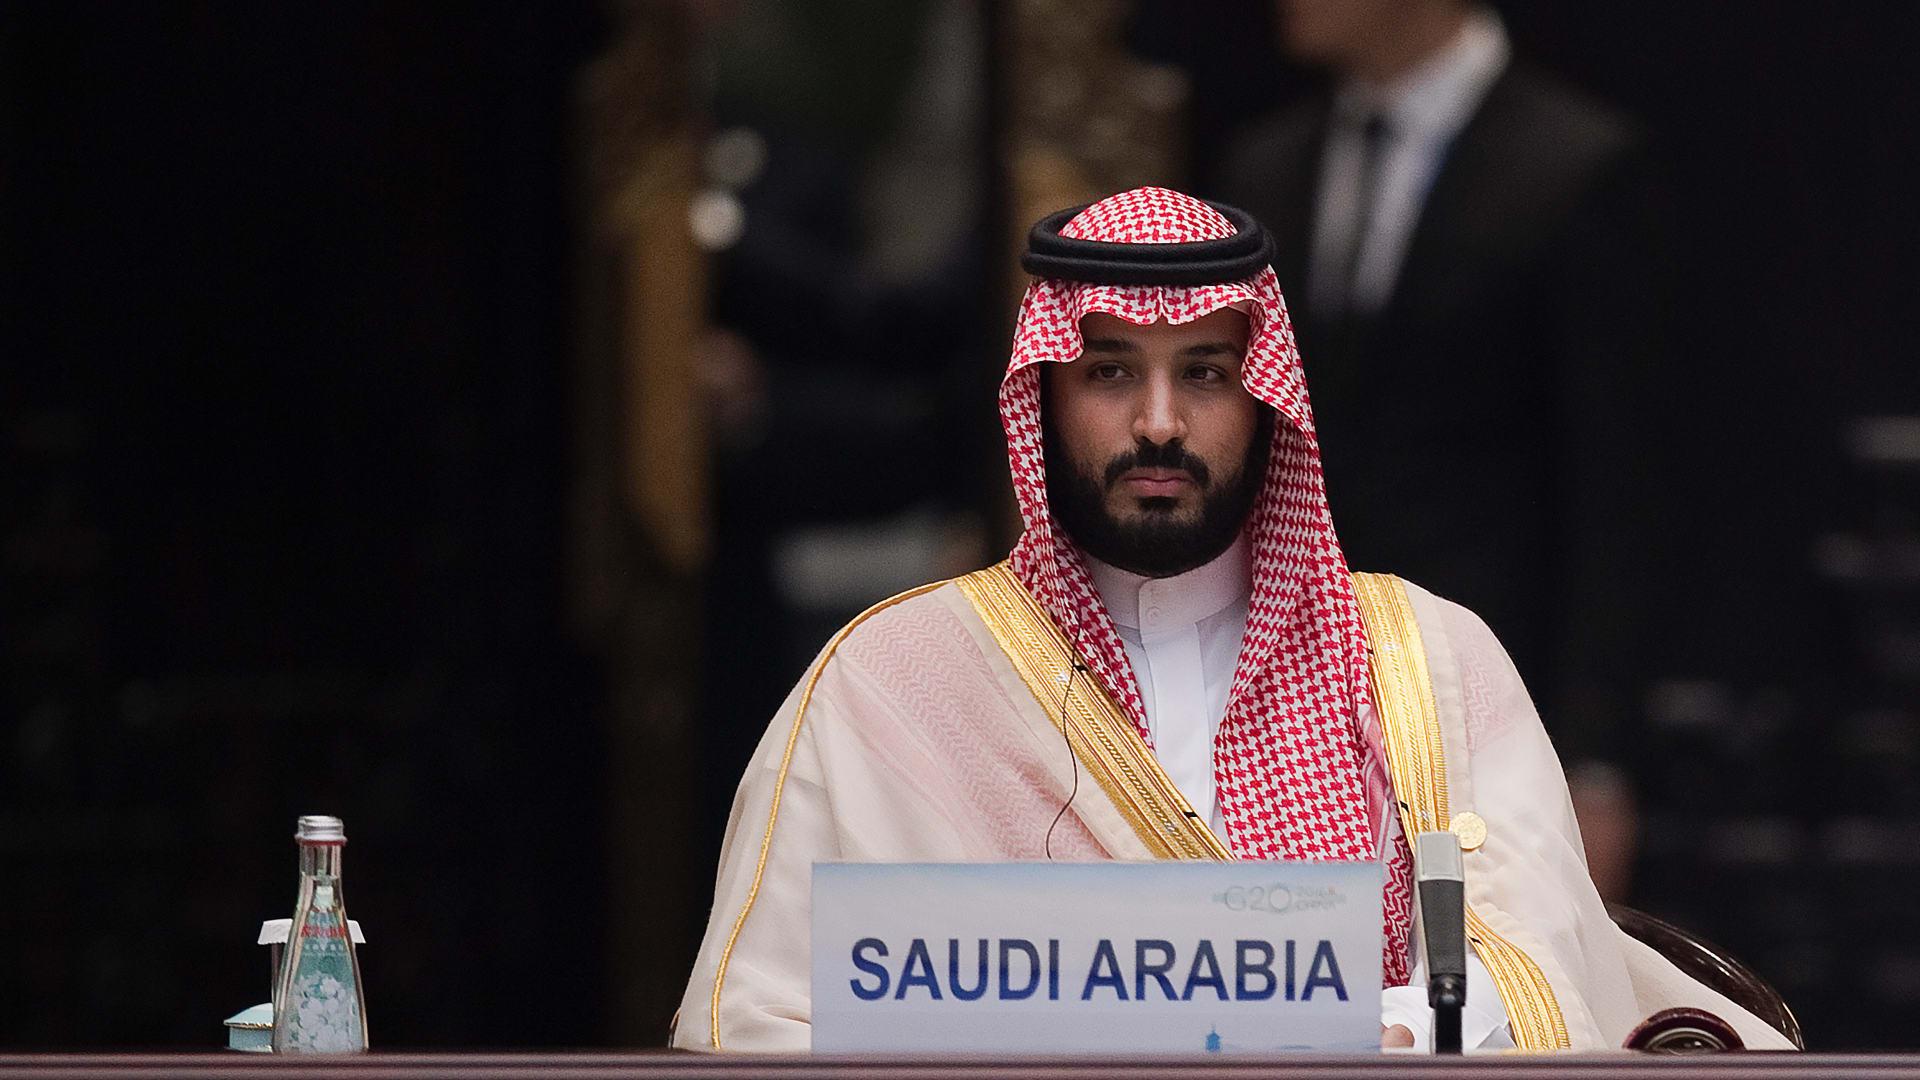 بعد تقرير الاستخبارات حول مقتل خاشقجي.. بايدن: سنعلن الإثنين عما سنفعله مع السعودية